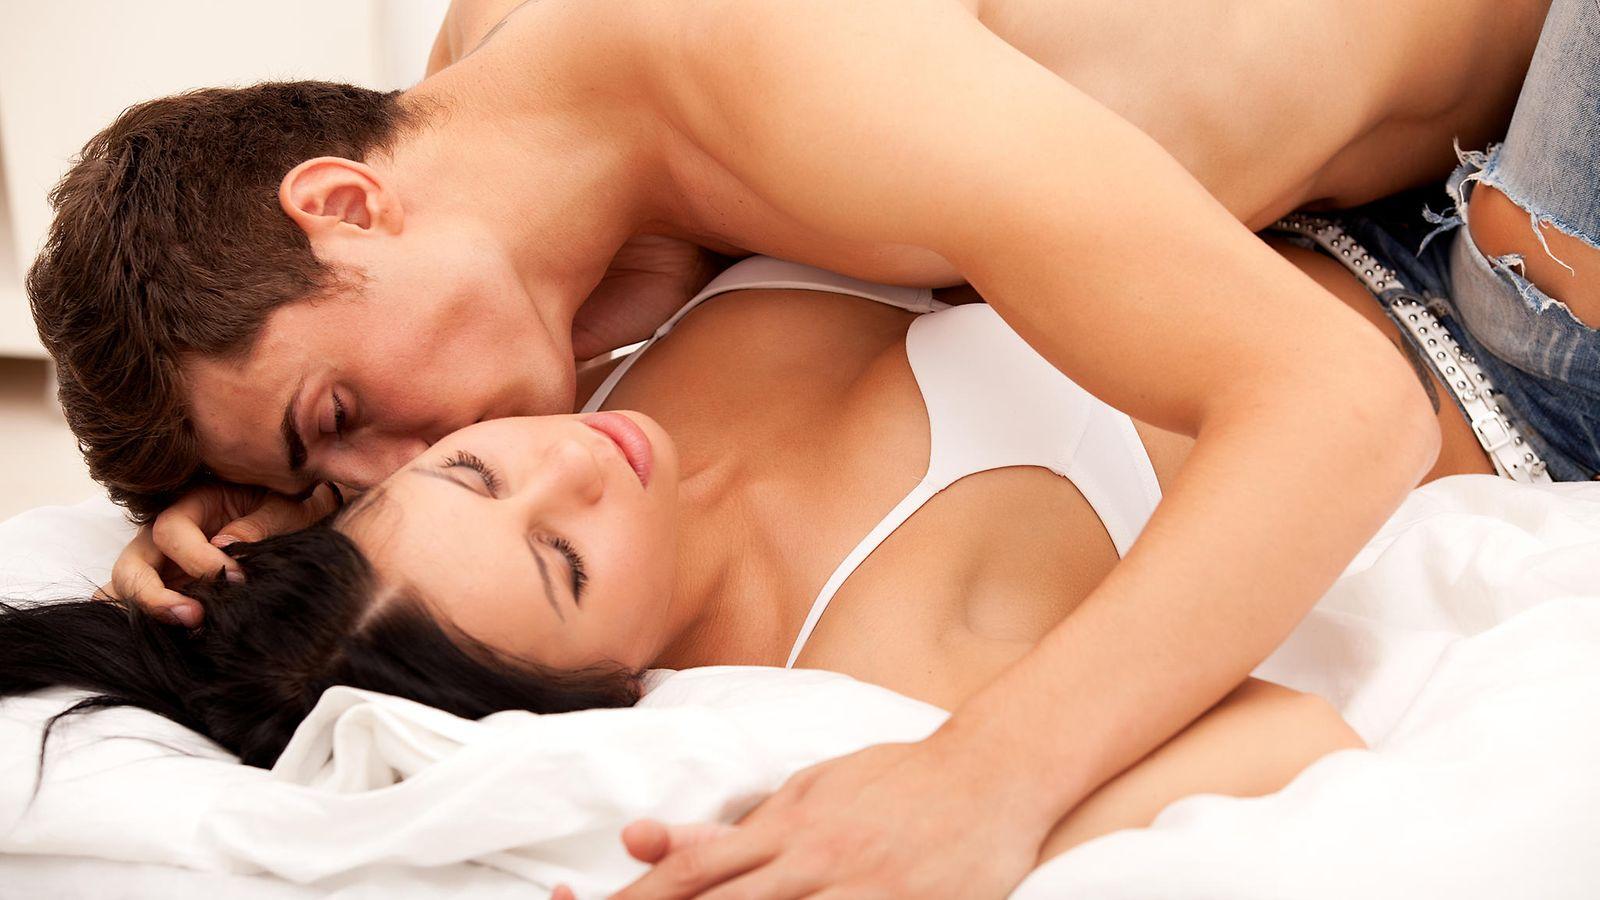 mies ja nainen sängyssä ilmais sex